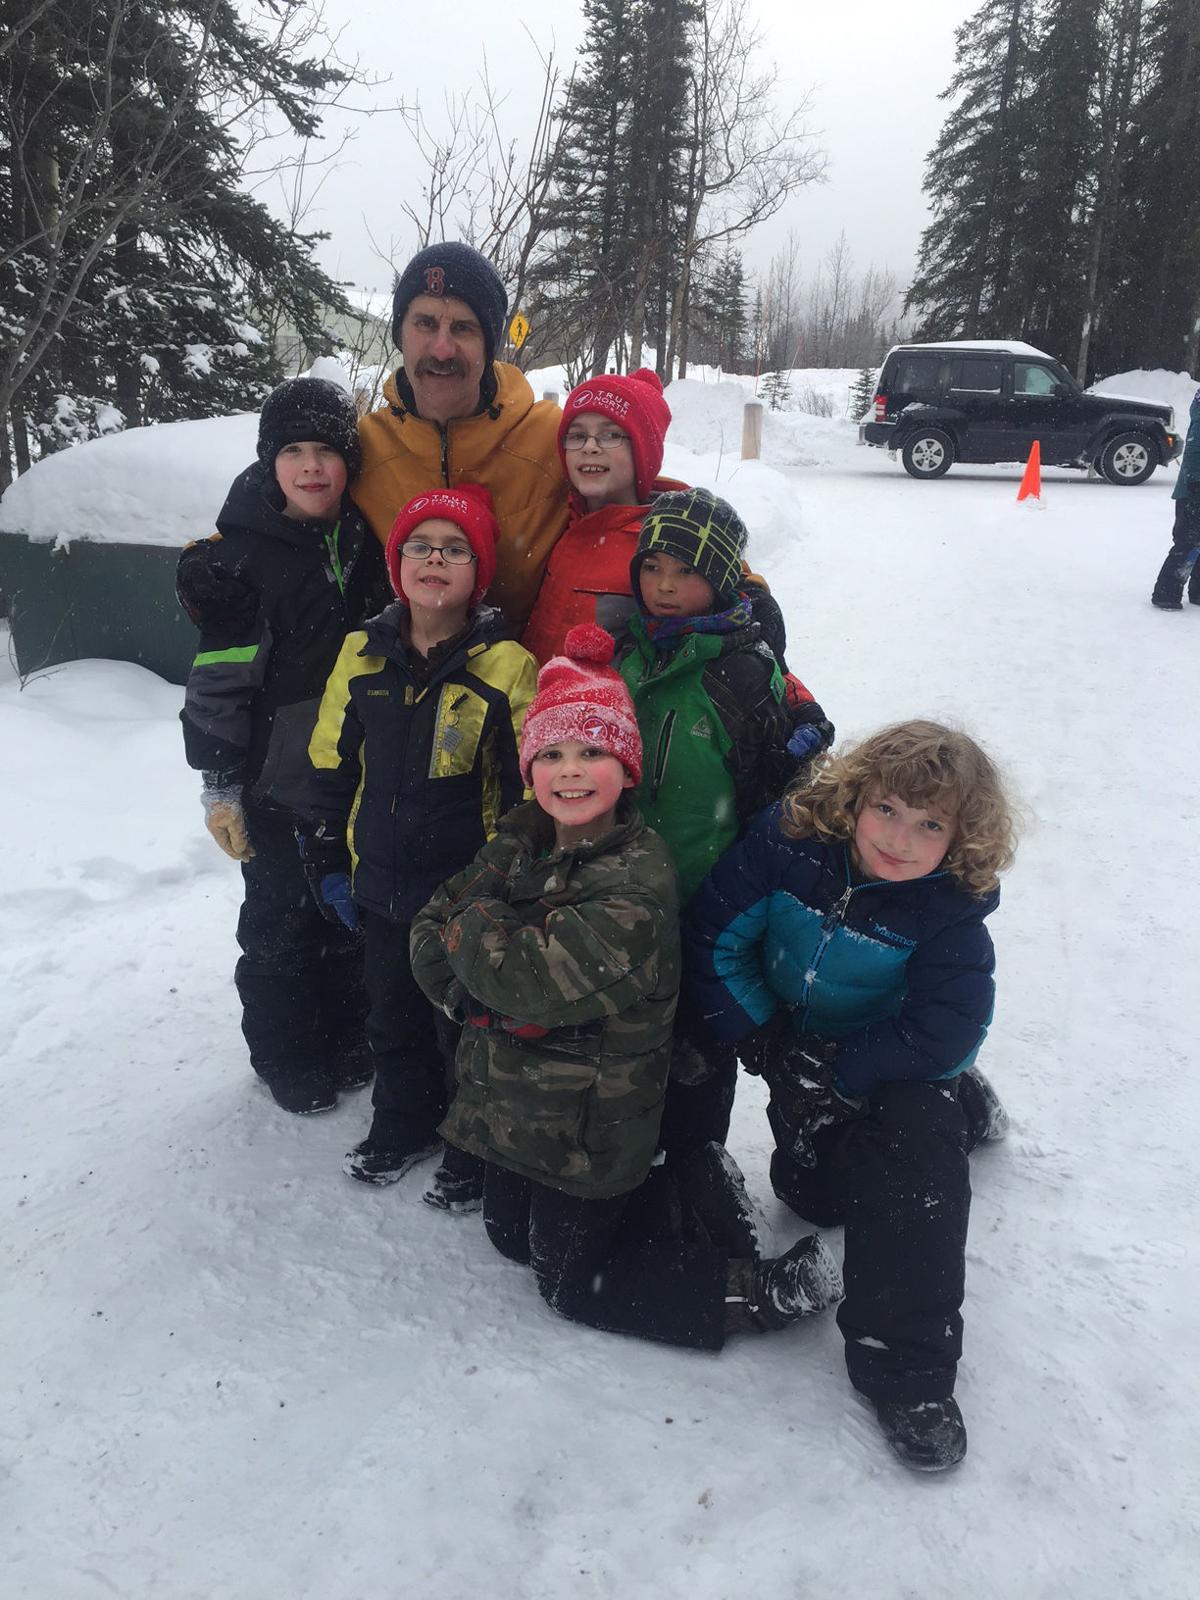 Nenana Ski Coach Chuck Hugny